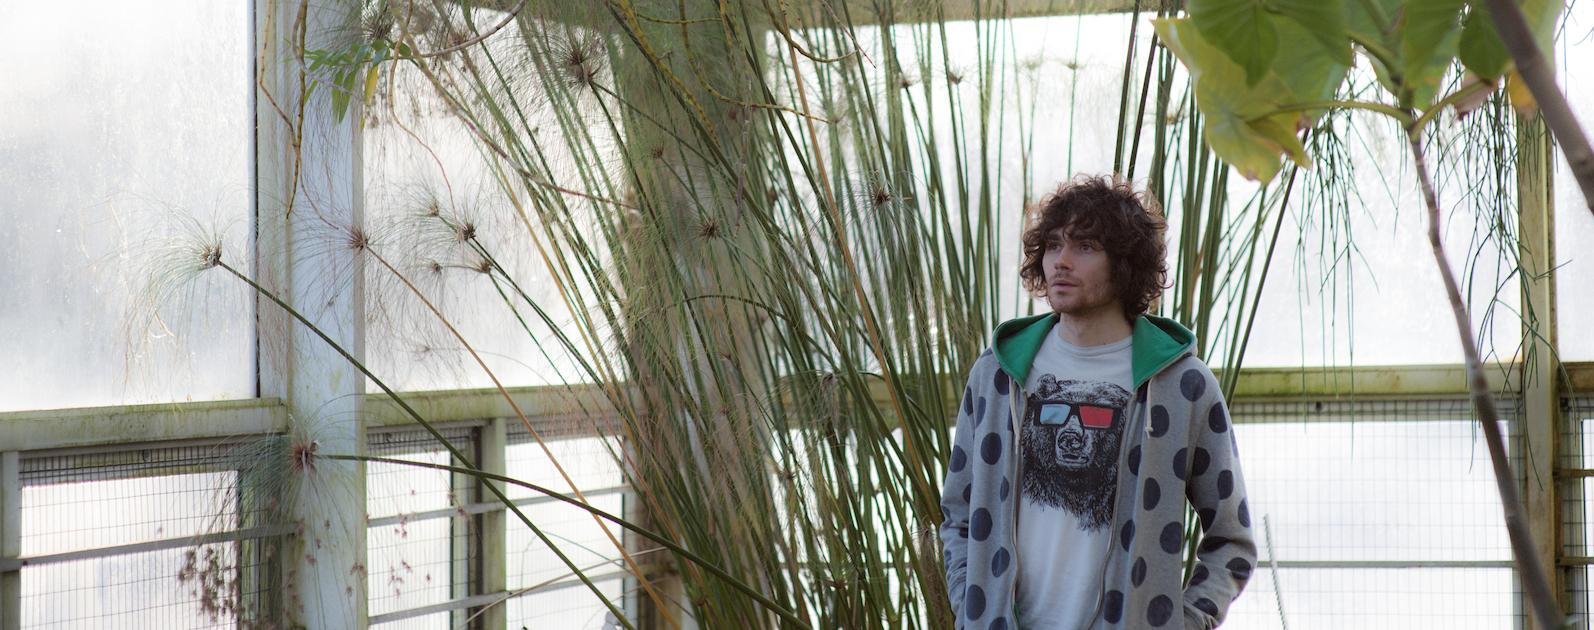 Ben Lee at the botanic gardens